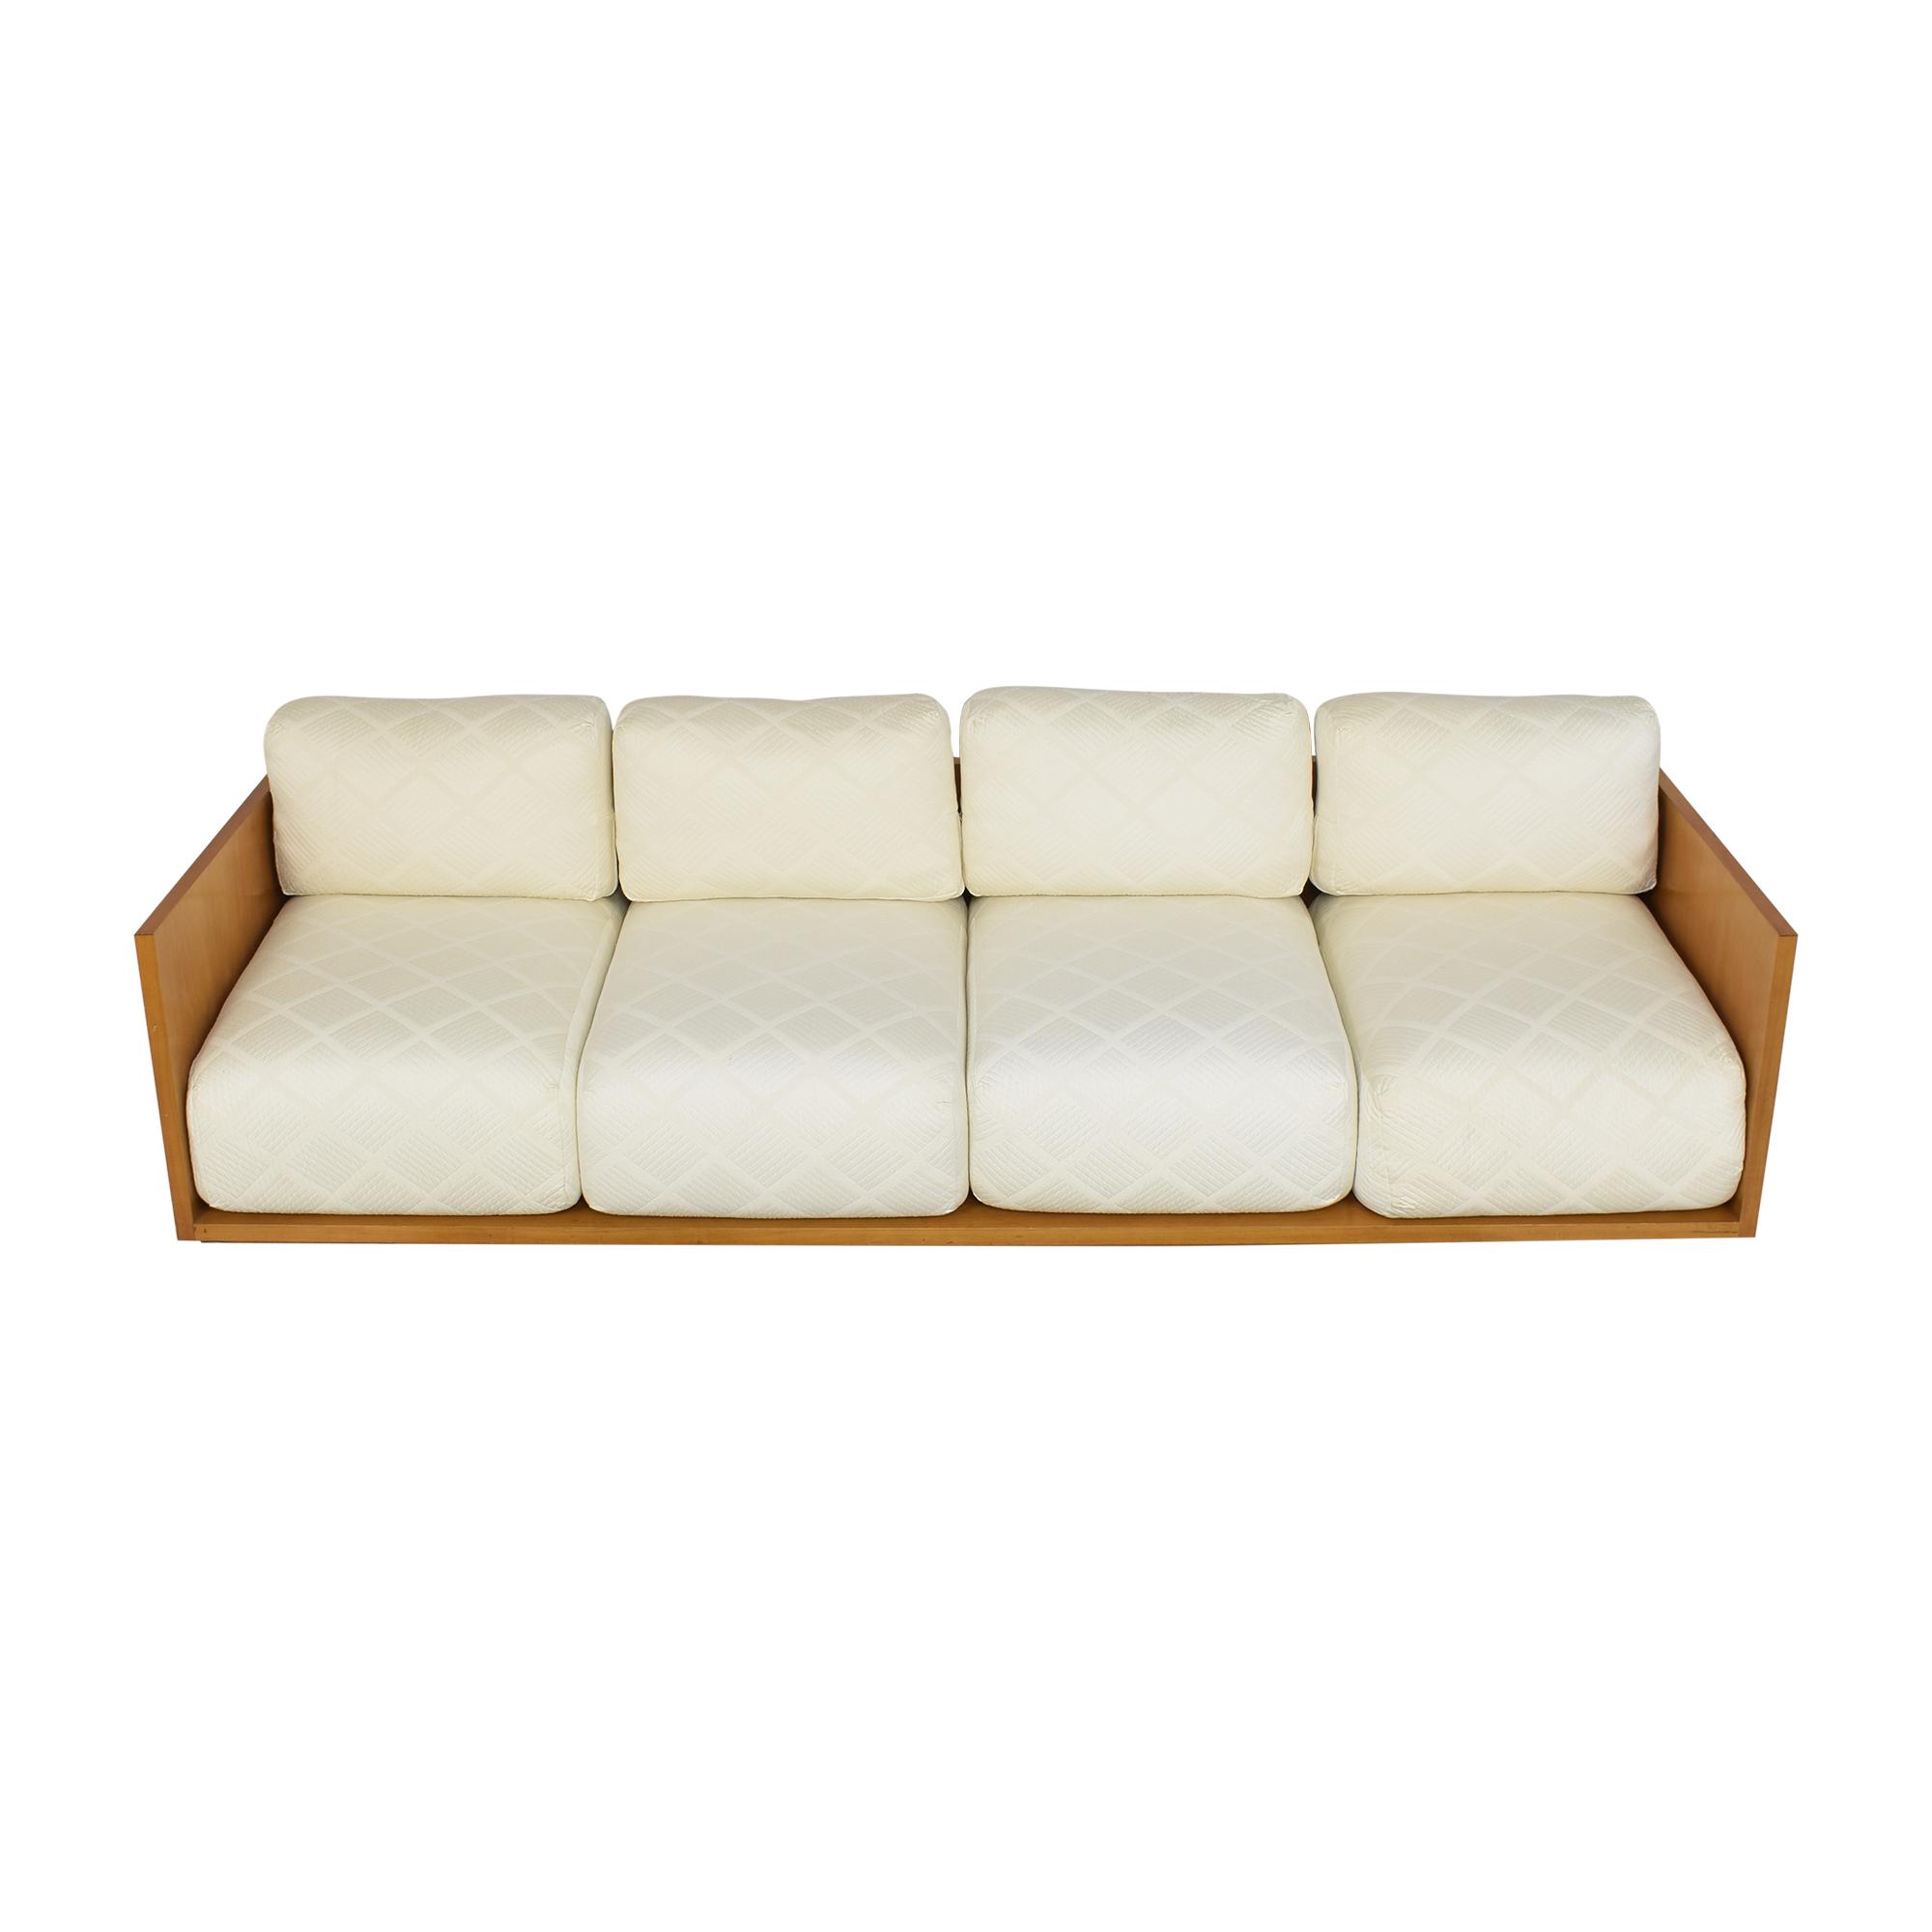 Custom Four Cushion Sofa